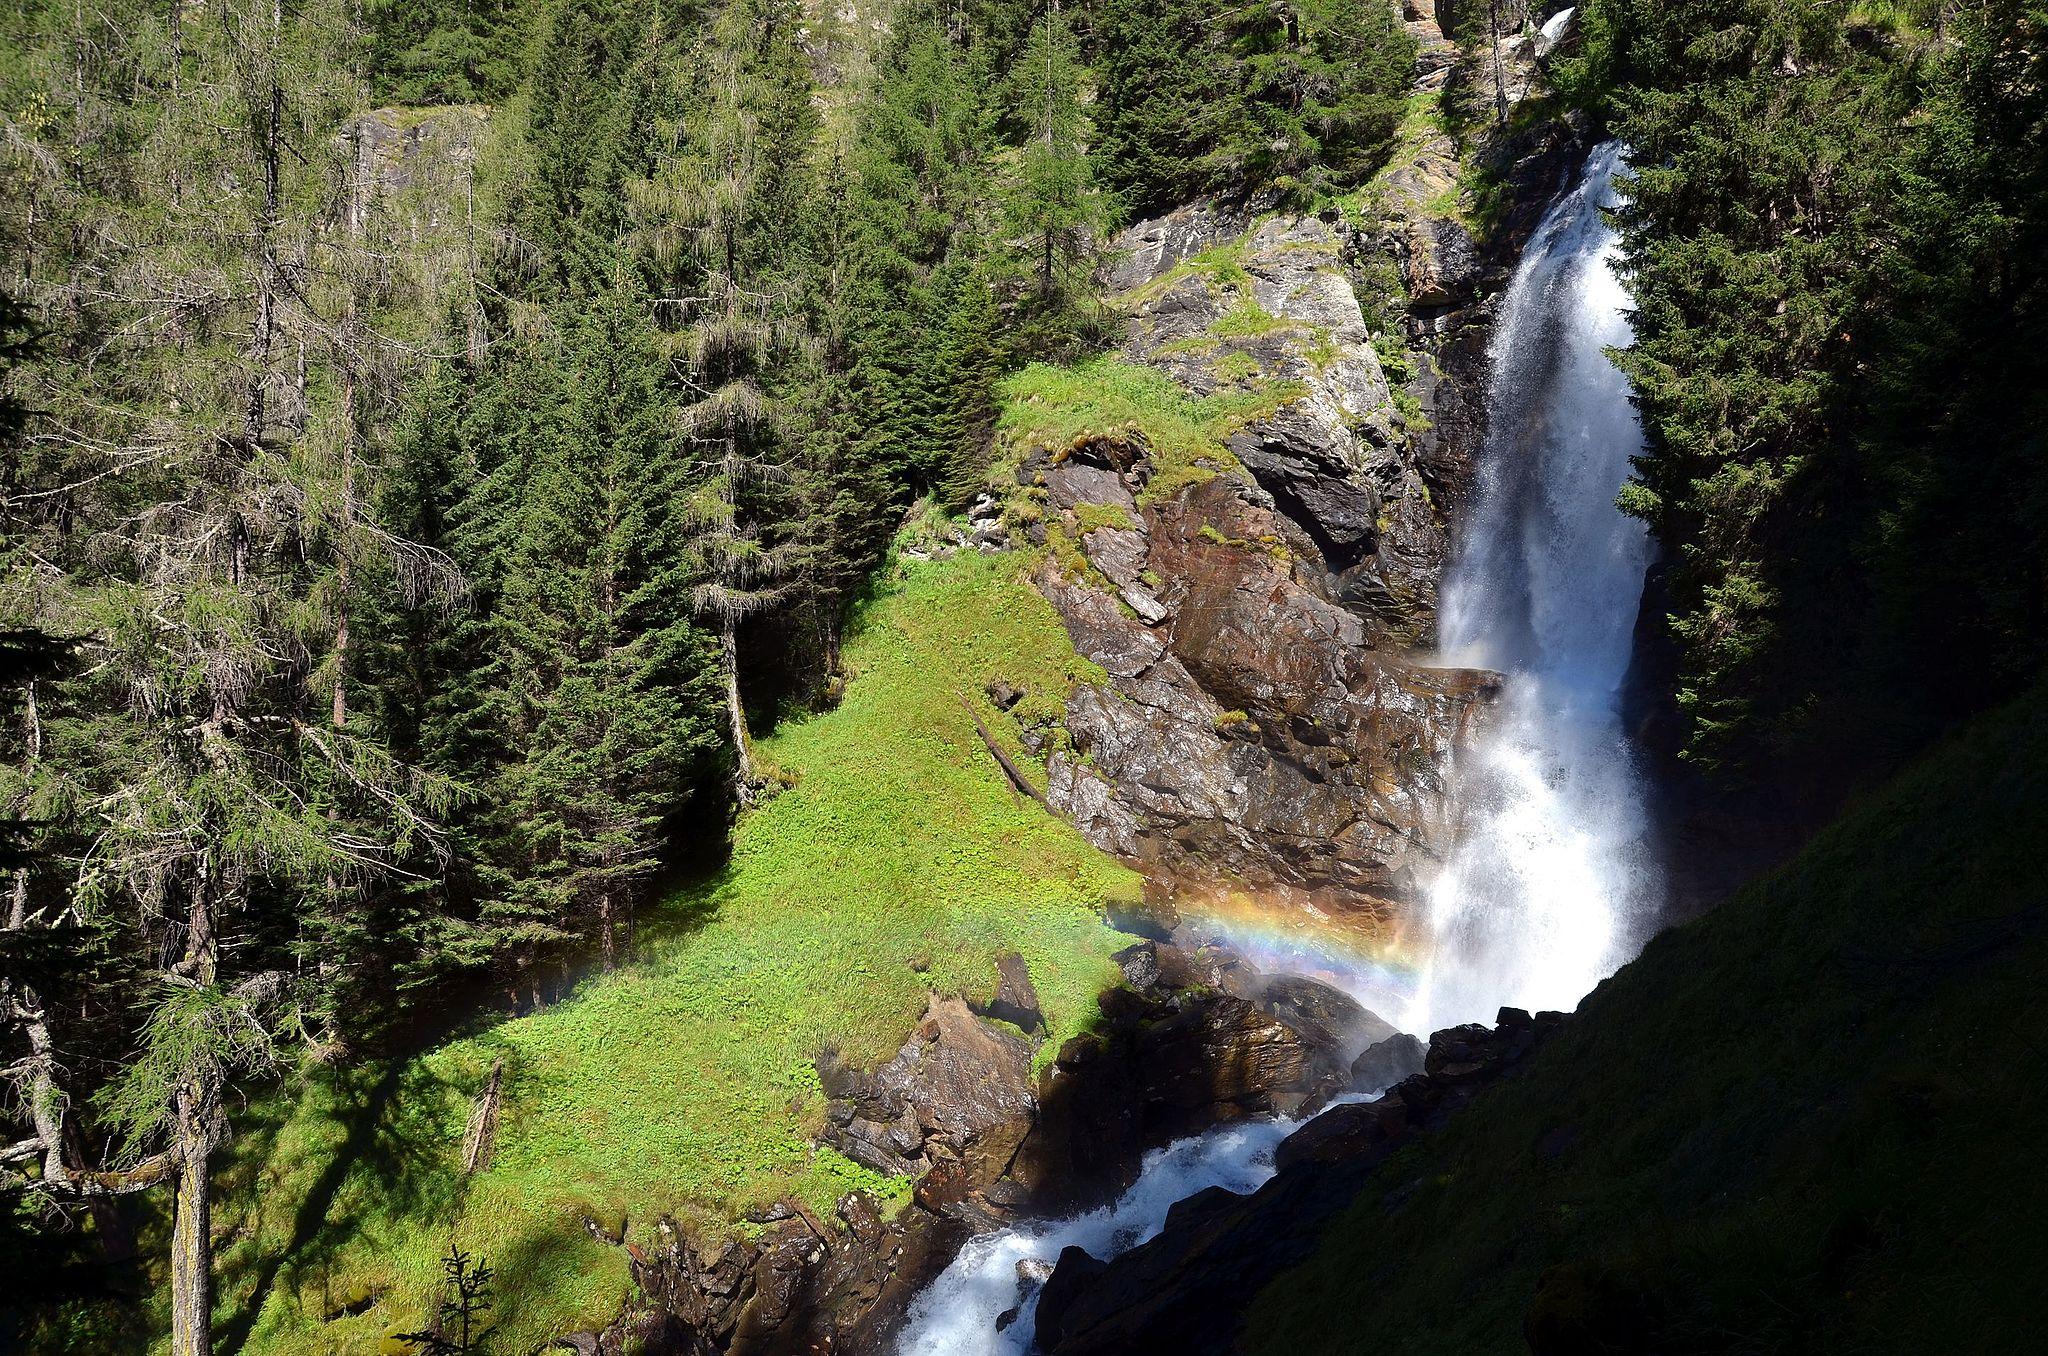 Lo spettacolo delle Cascate del Saent (europeanwaterfalls.com)